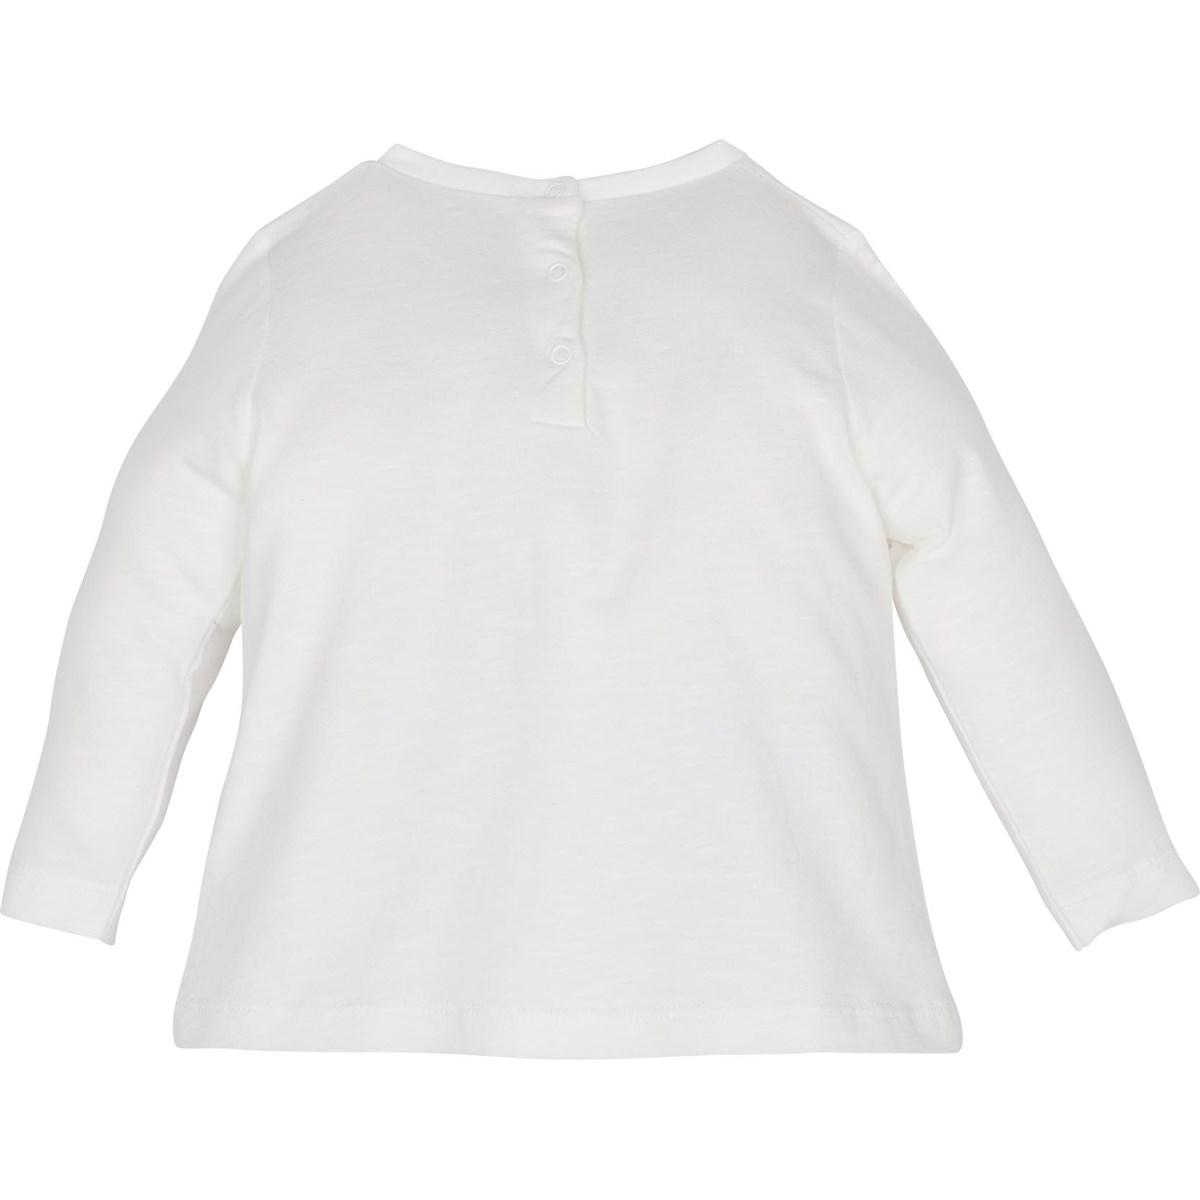 12684 Sweatshirt 2